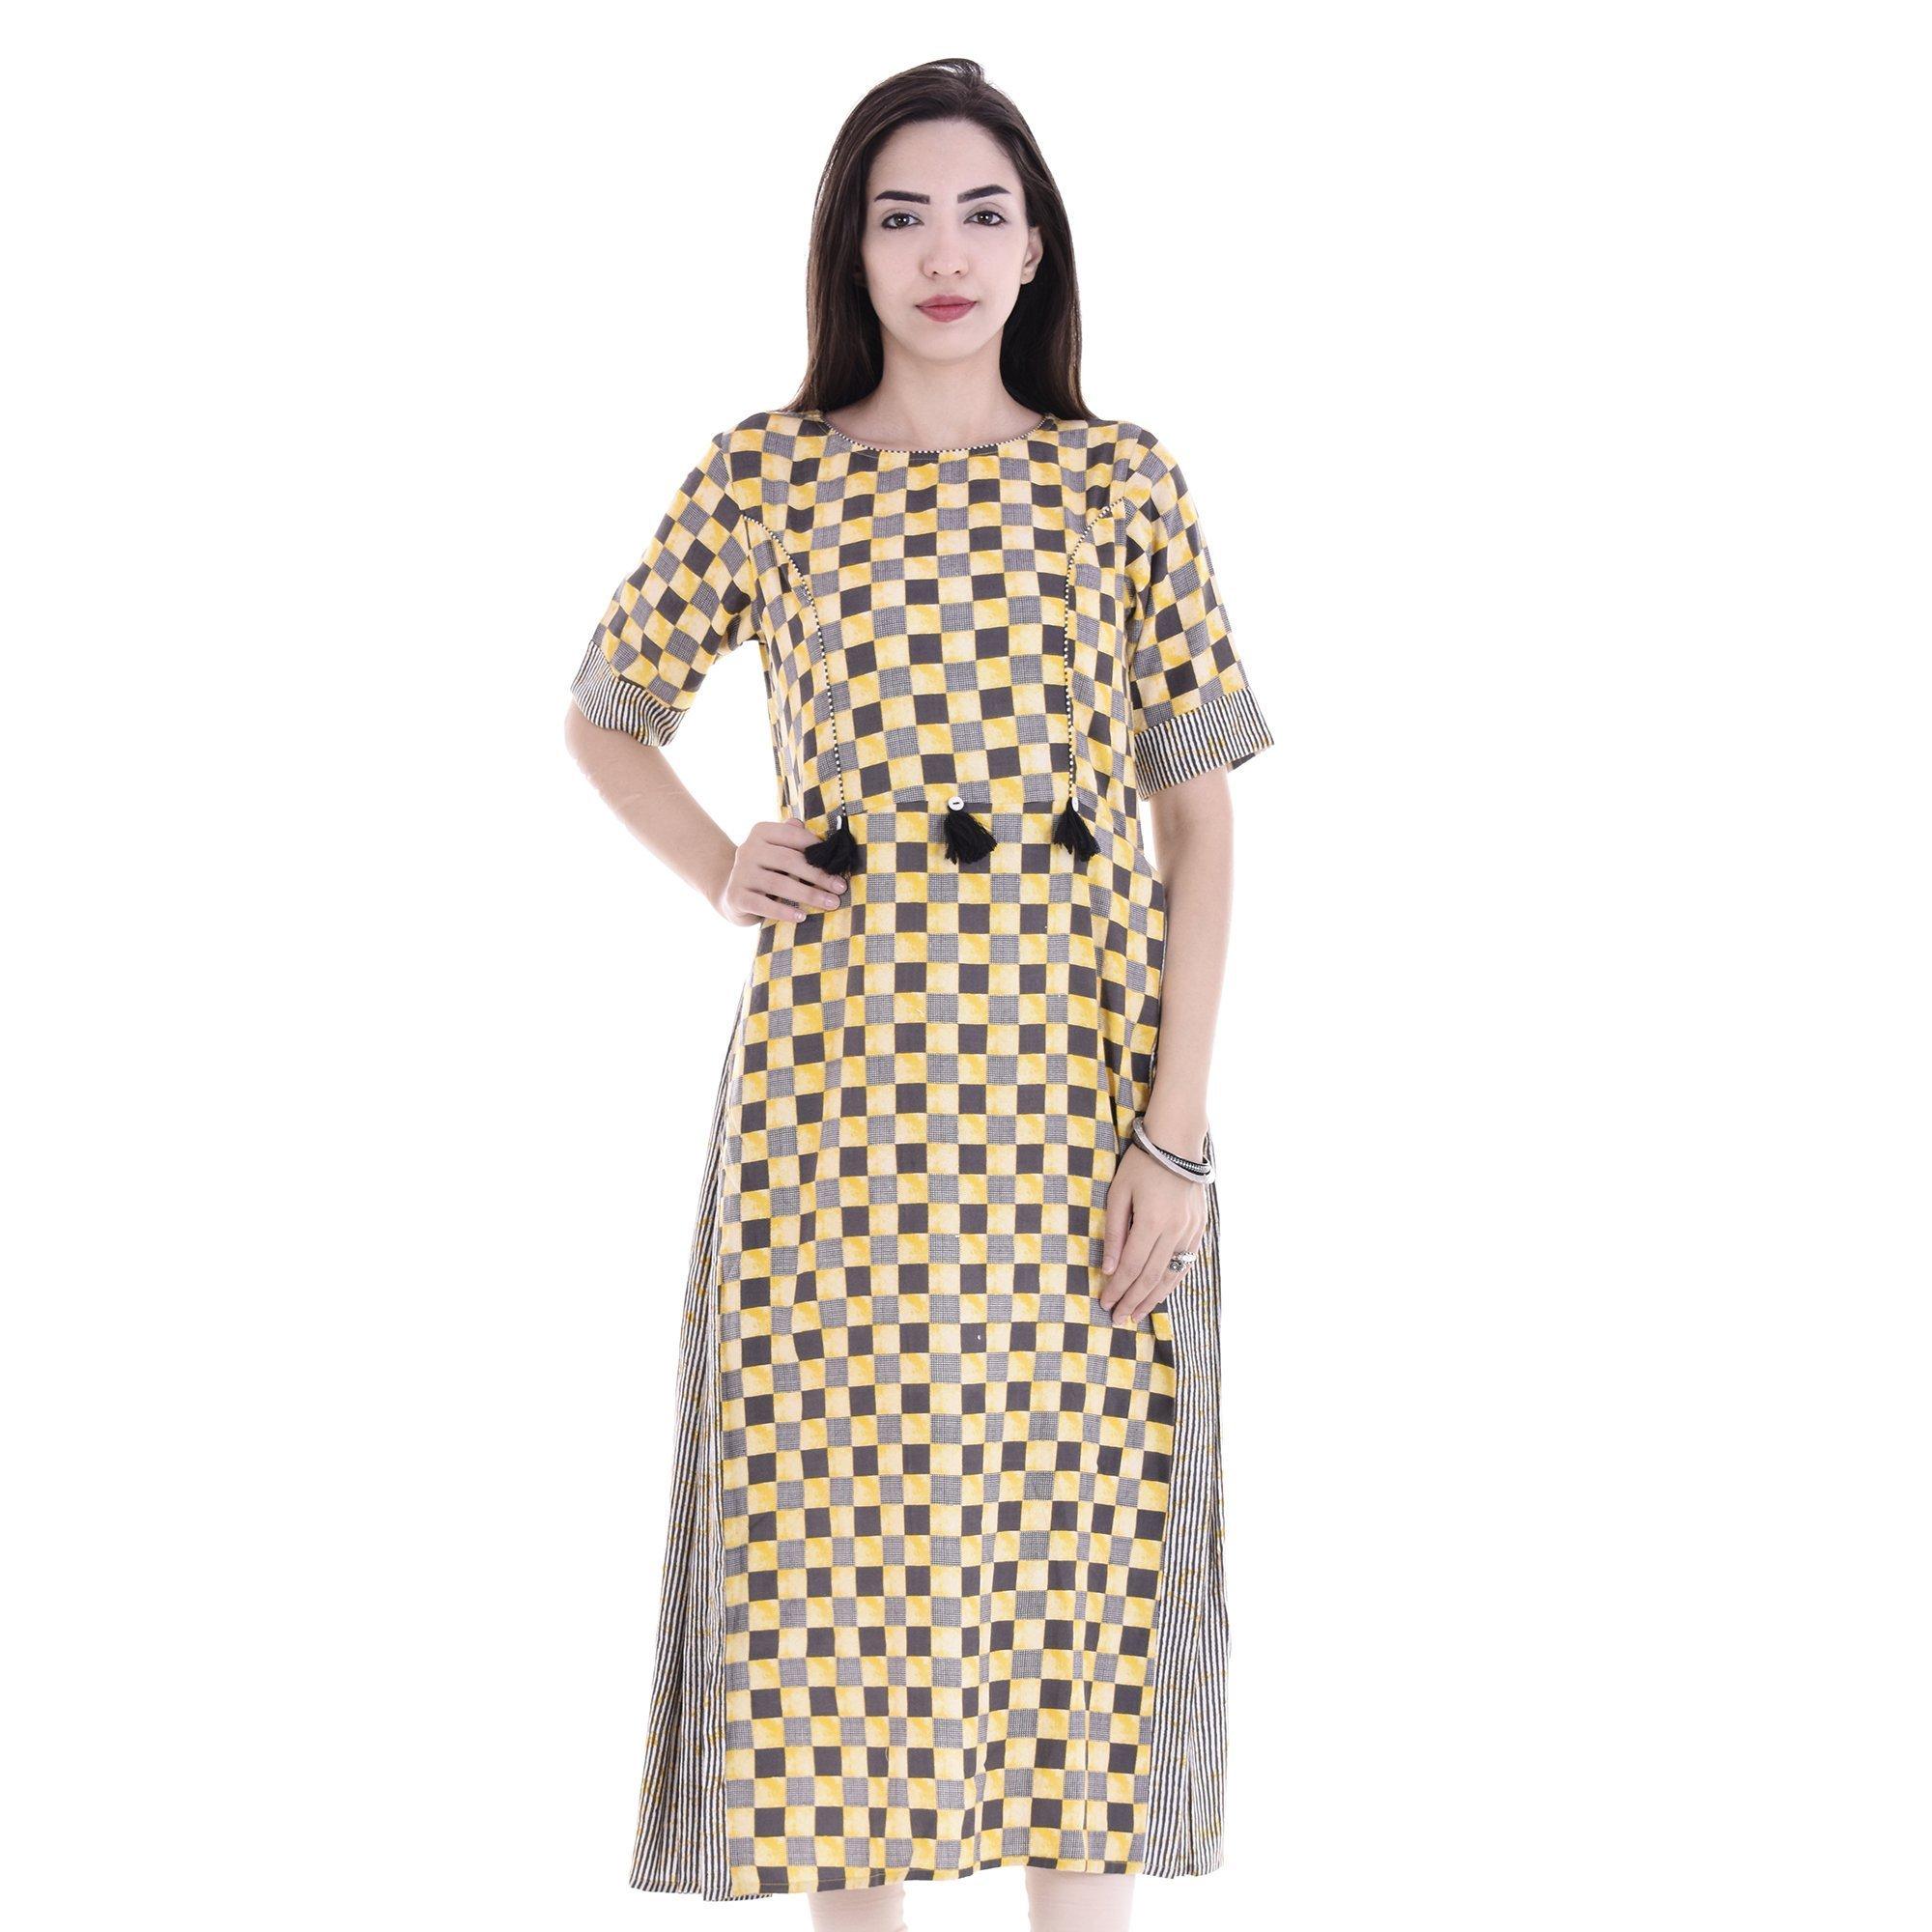 Chichi Indian Women Kurta Kurti 3/4 Sleeve Medium Size Checkered Round Multi-Colored Top